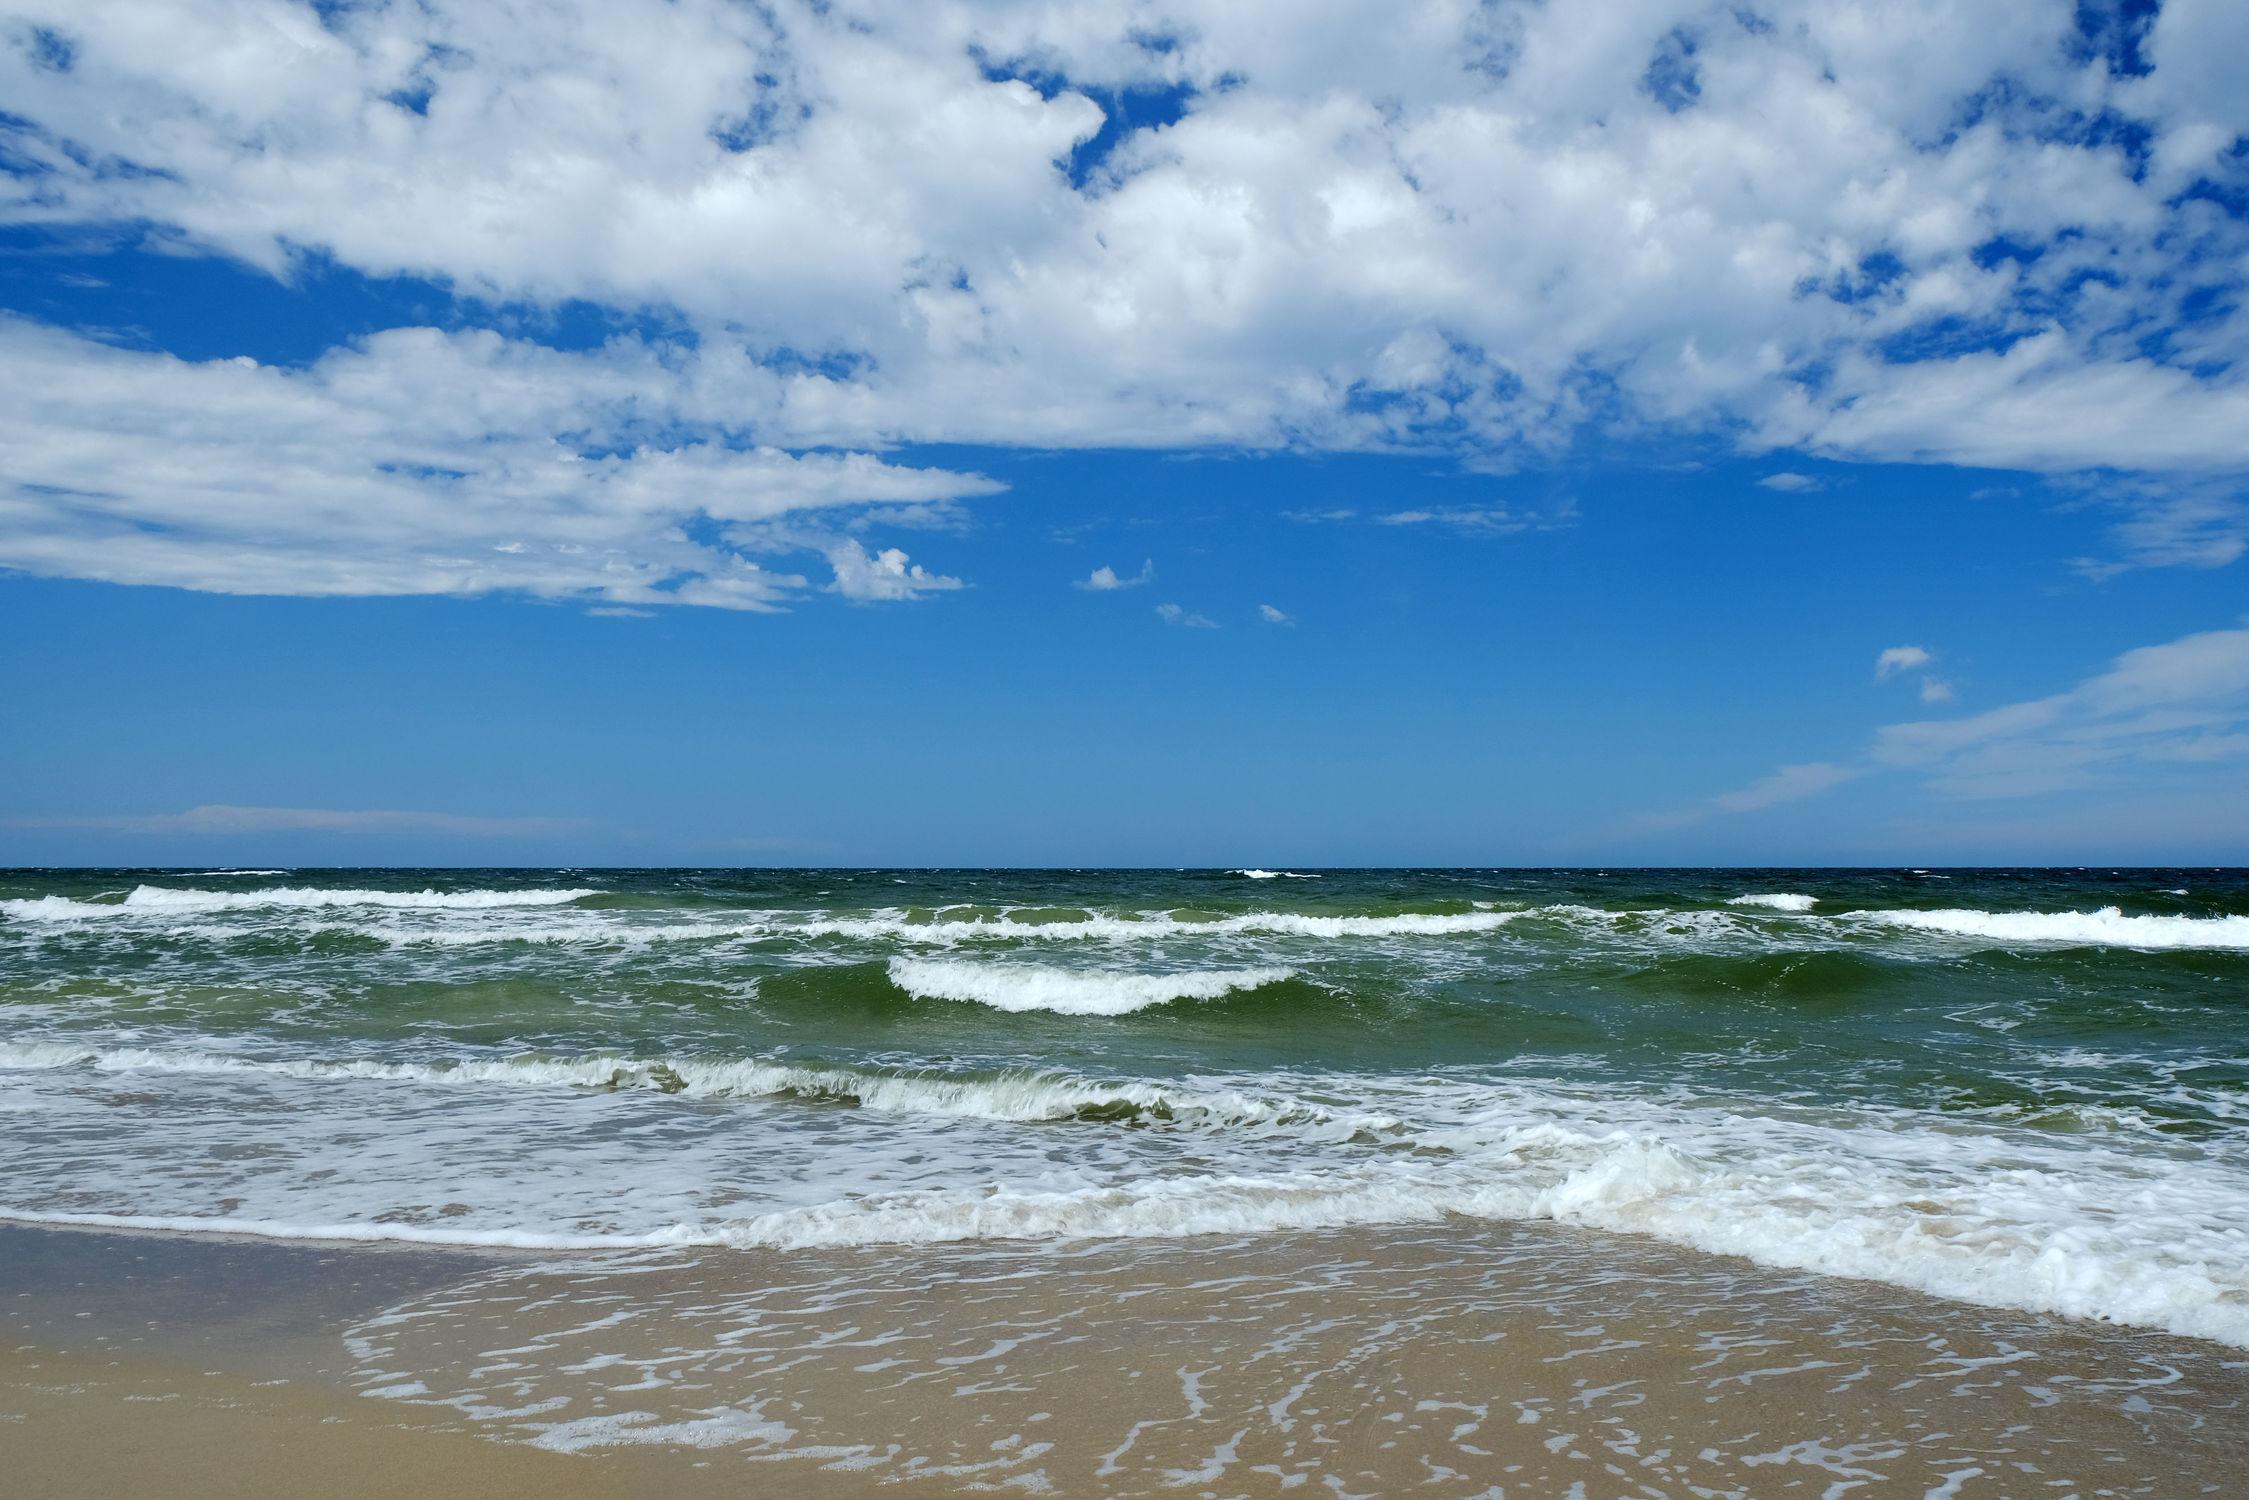 Bild mit Himmel, Wolken, Sand, Urlaub, Sommer, Inseln, Strand, Ostsee, Meer, Nordsee, See, Ostfriesische Inseln, Wärme, Ausspannen, Relaxen